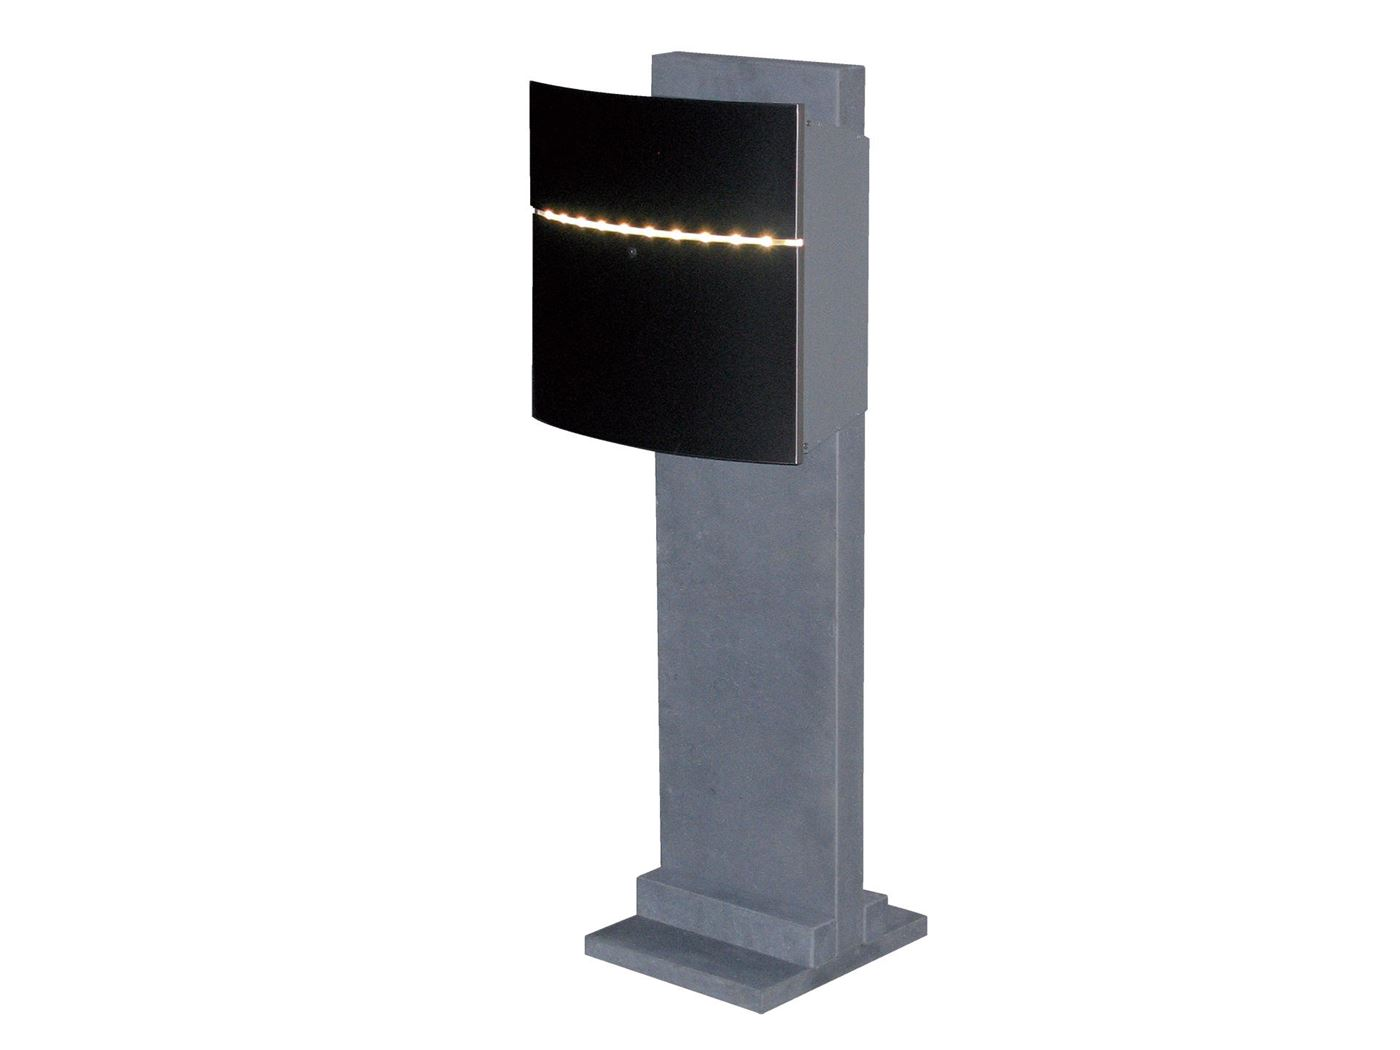 brievenbus halmstad stainless steel led